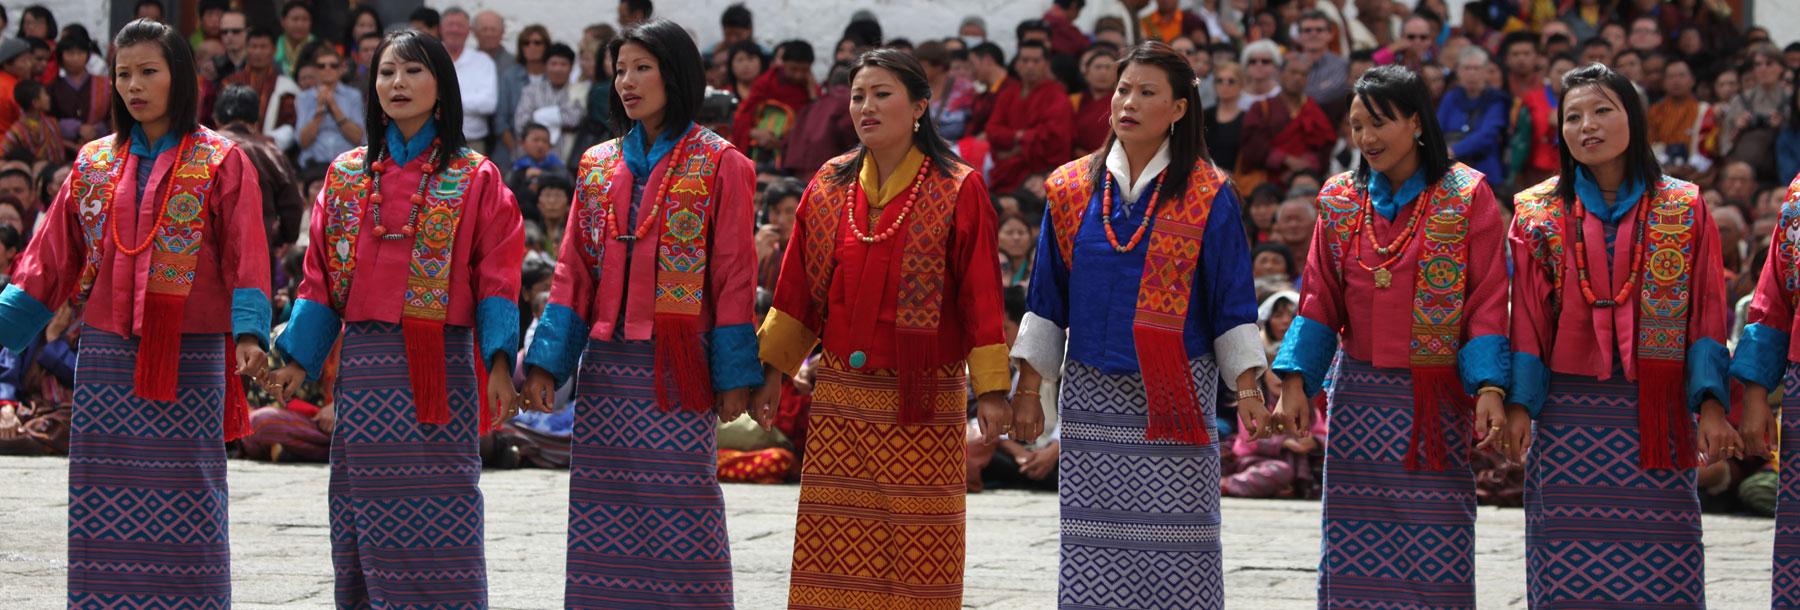 Thimphu Tsechu Festival, Bhutan.